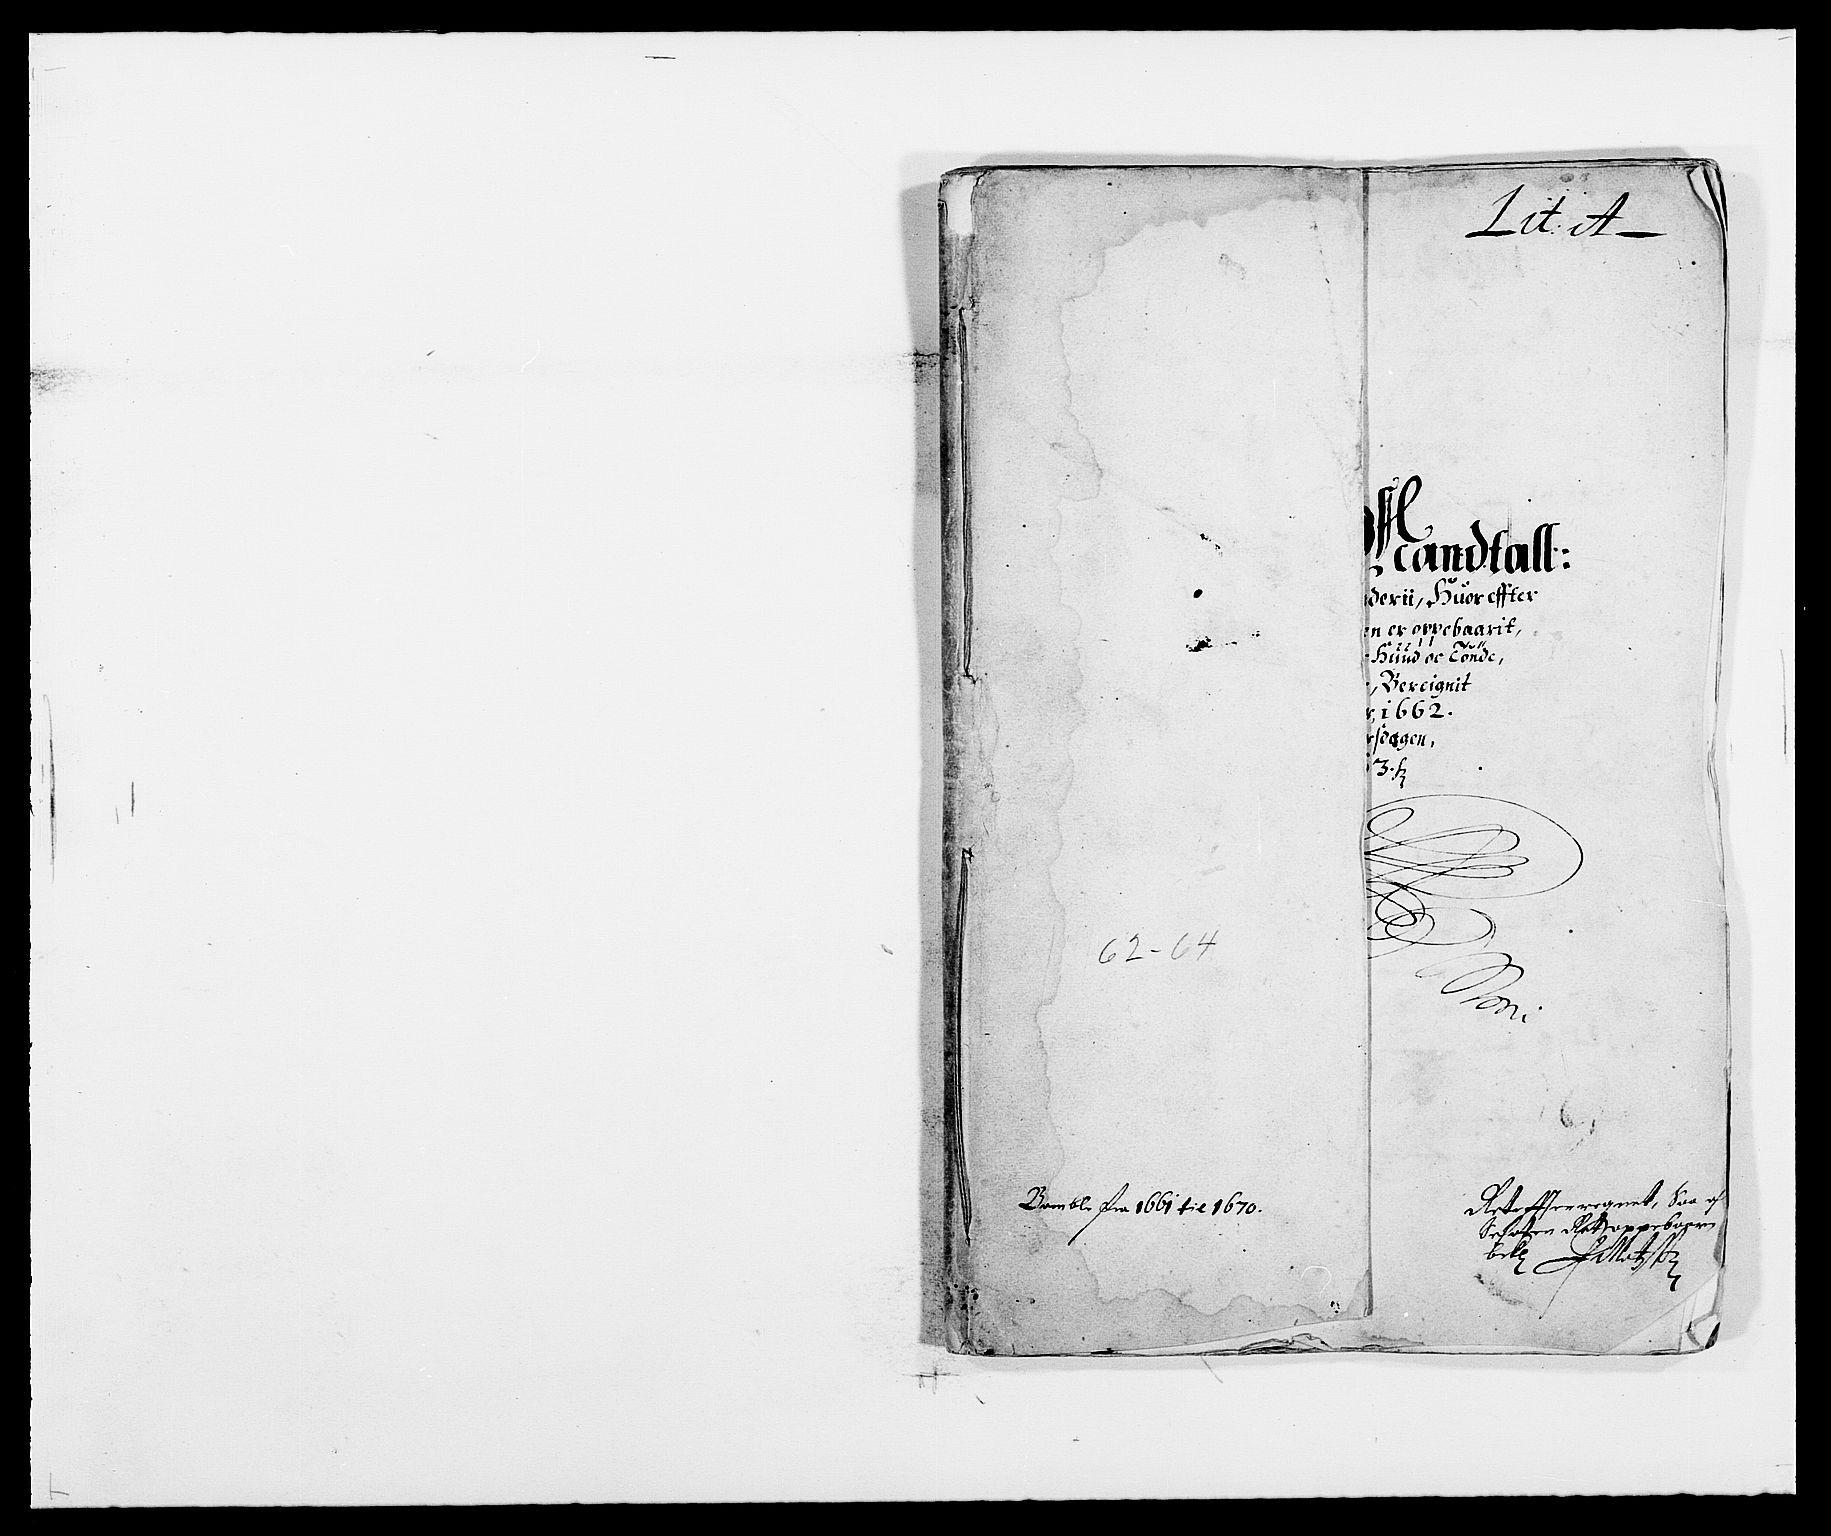 RA, Rentekammeret inntil 1814, Reviderte regnskaper, Fogderegnskap, R34/L2037: Fogderegnskap Bamble, 1662-1669, s. 10